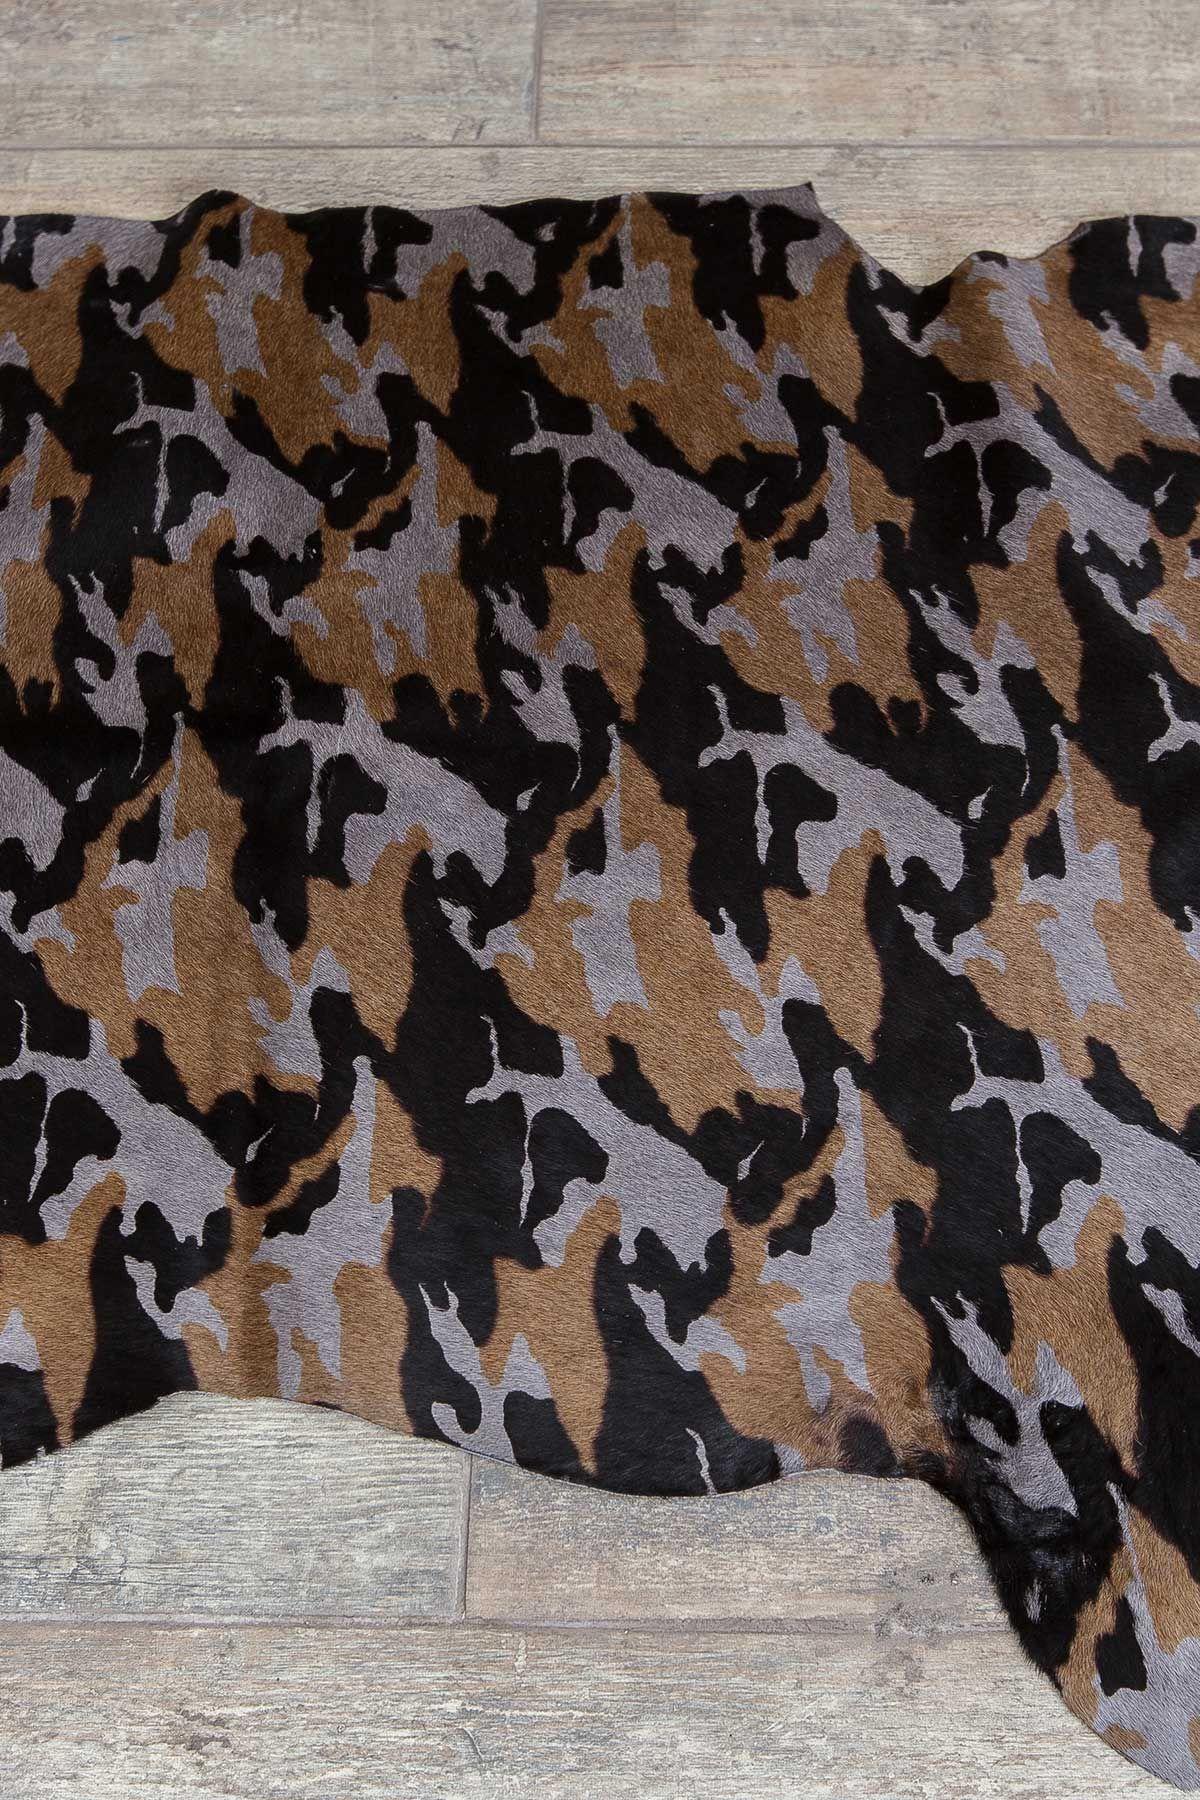 Erdogan Deri Decorative Calfskin Rug With Camouflage Pattern Gray